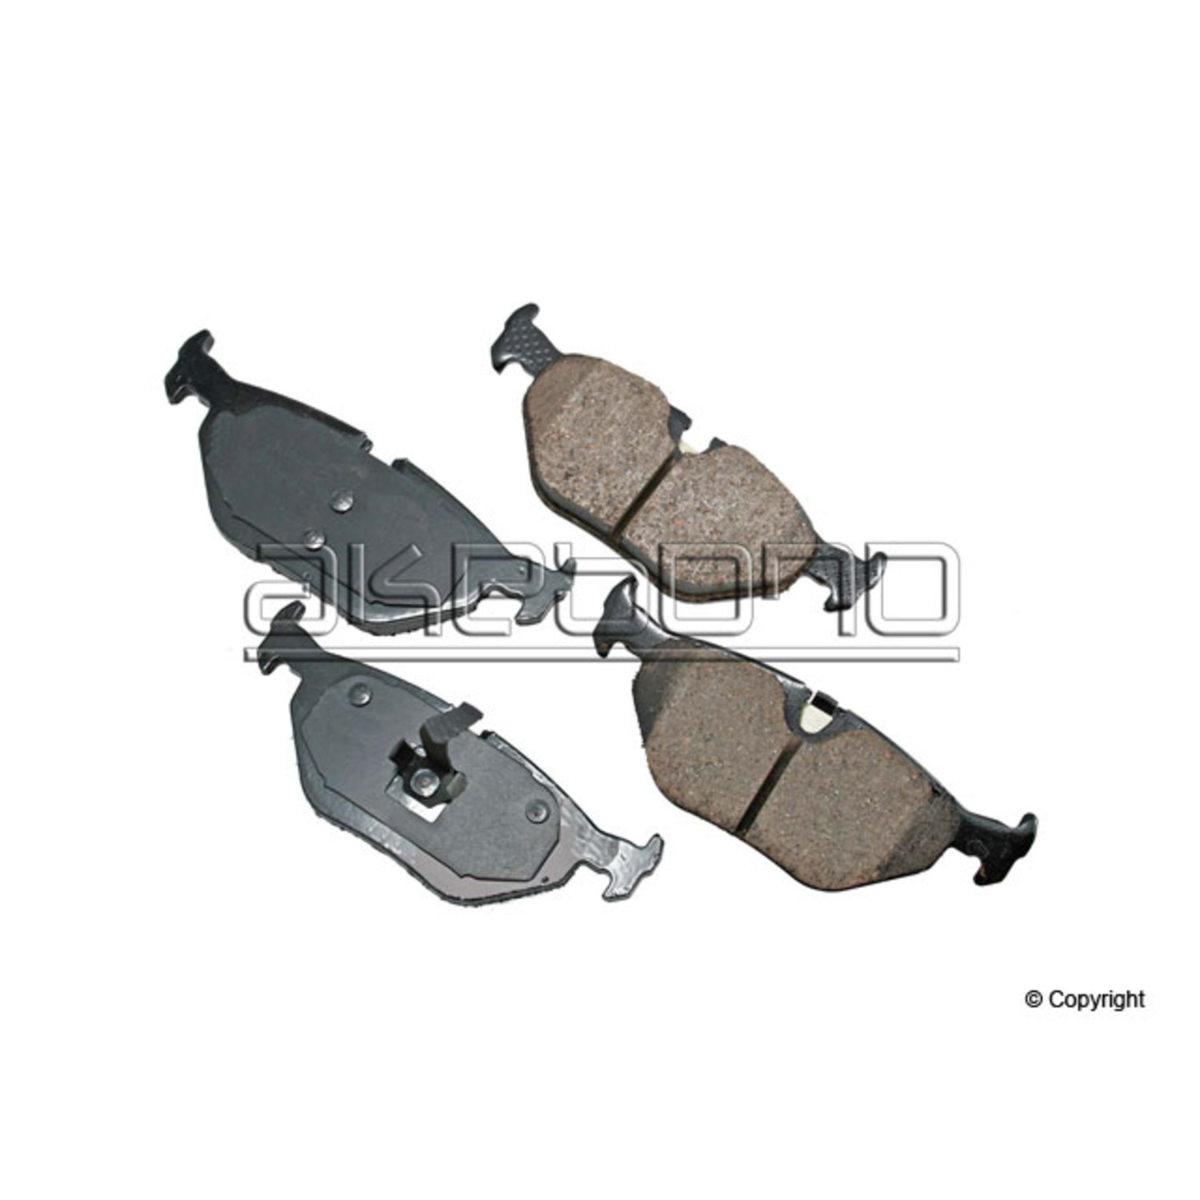 Disc Brake Pad Set-Euro Ultra Premium Ceramic Pads Rear Akebono EUR763